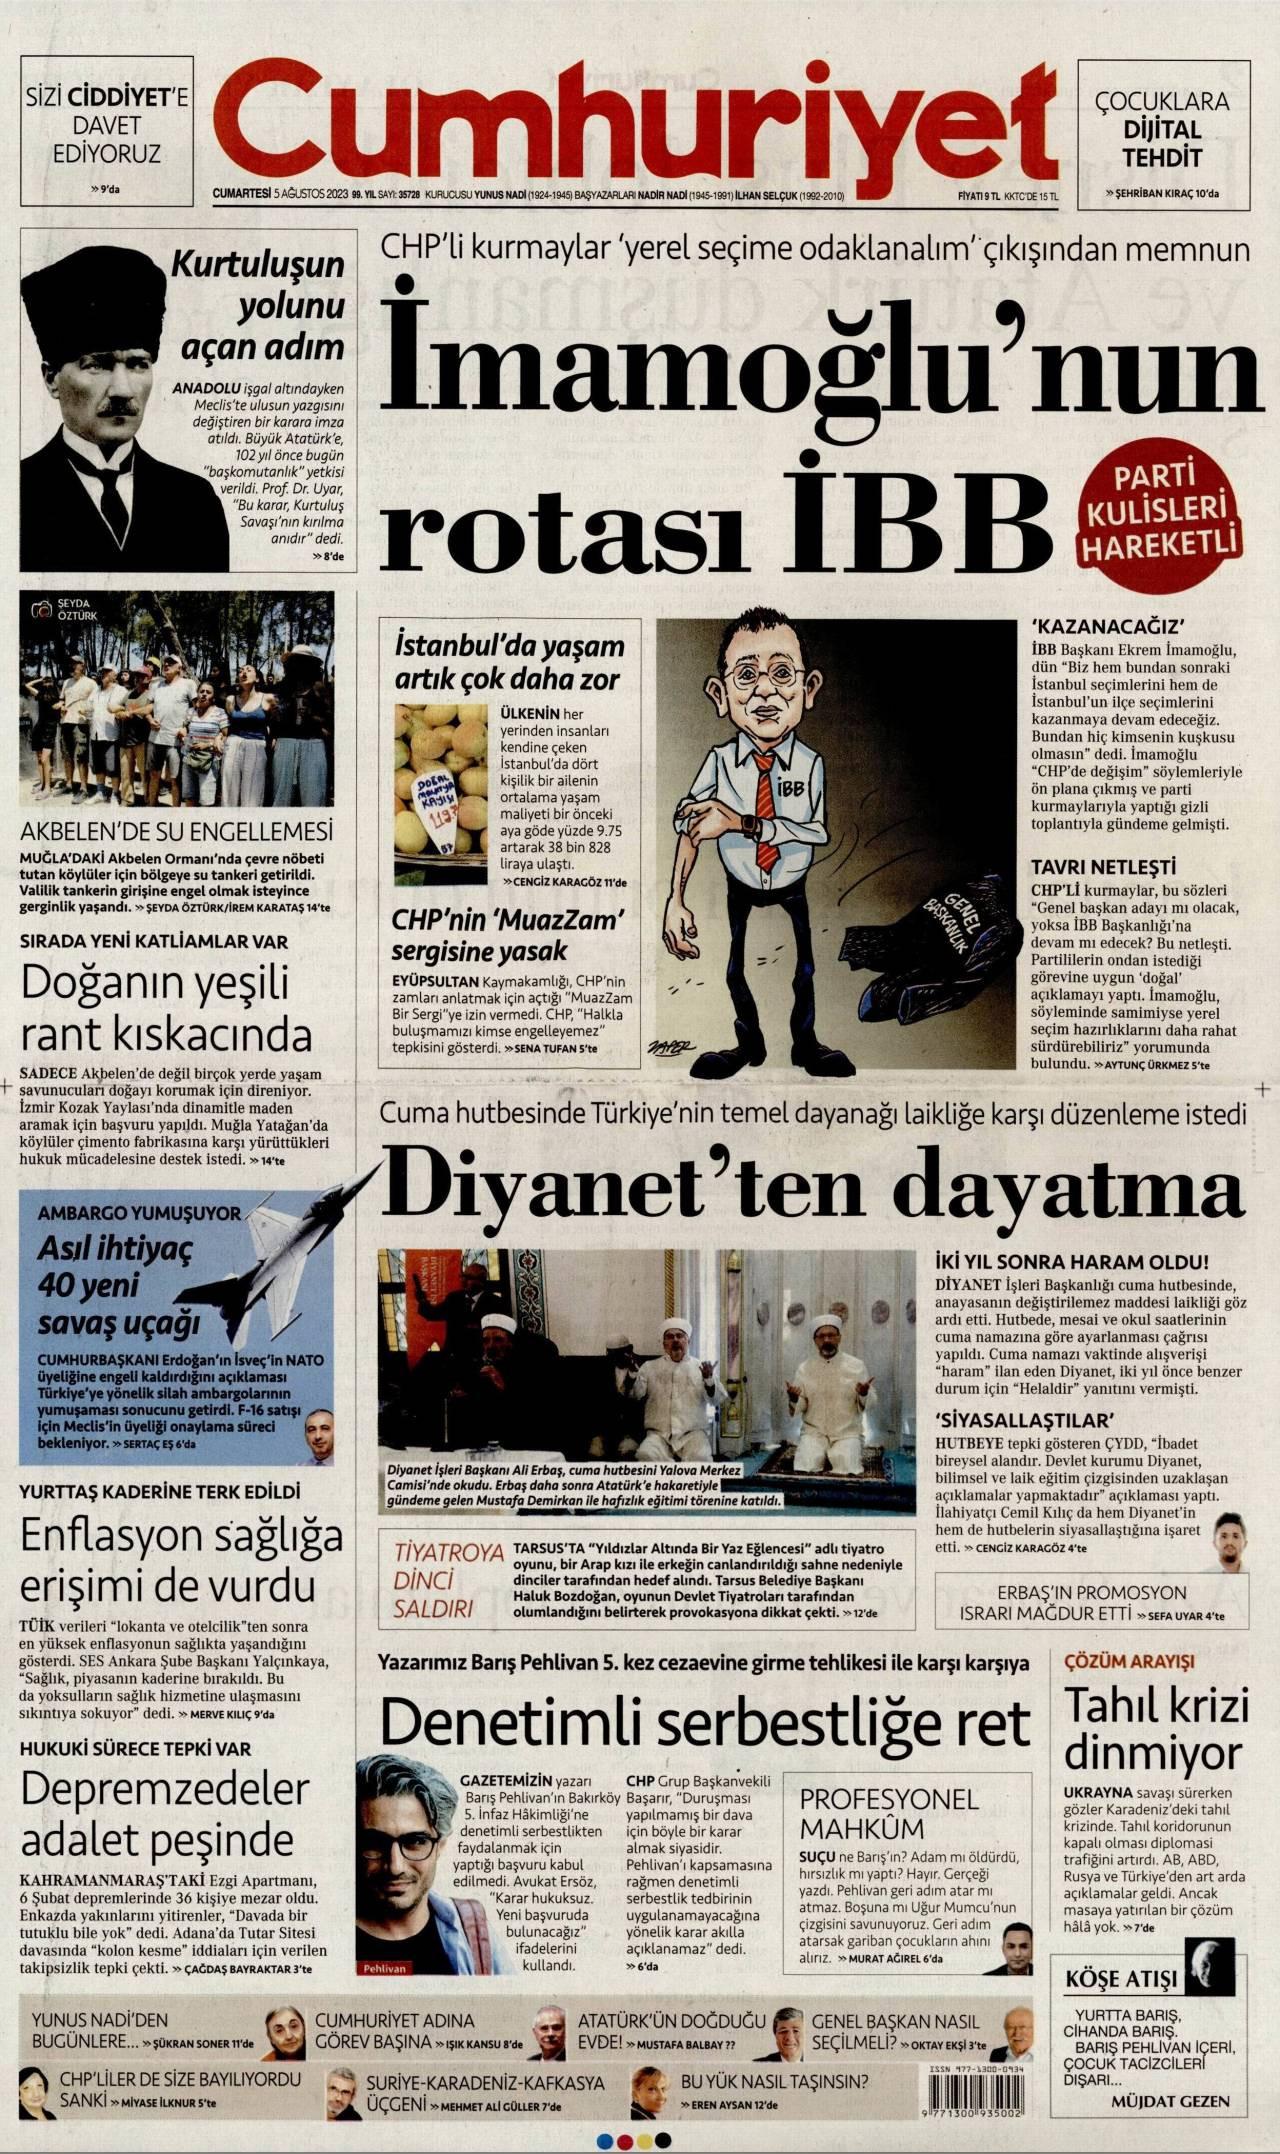 12 Ağustos 2020, Çarşamba cumhuriyet Gazetesi